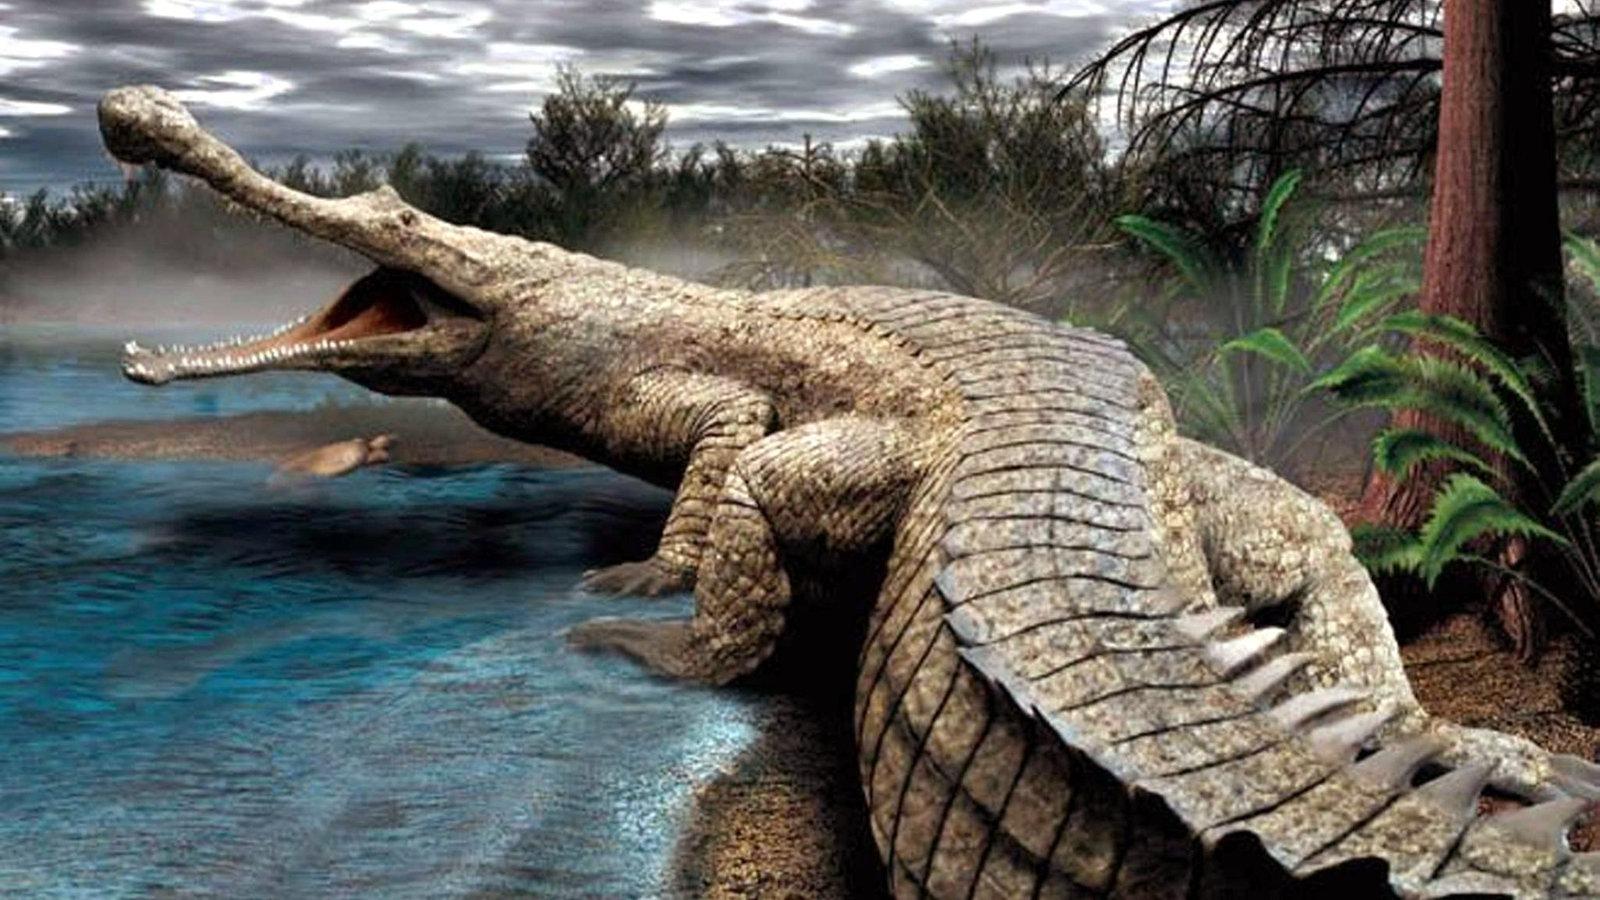 reptilien und amphibien krokodile reptilien und schmuck natur planet wissen. Black Bedroom Furniture Sets. Home Design Ideas